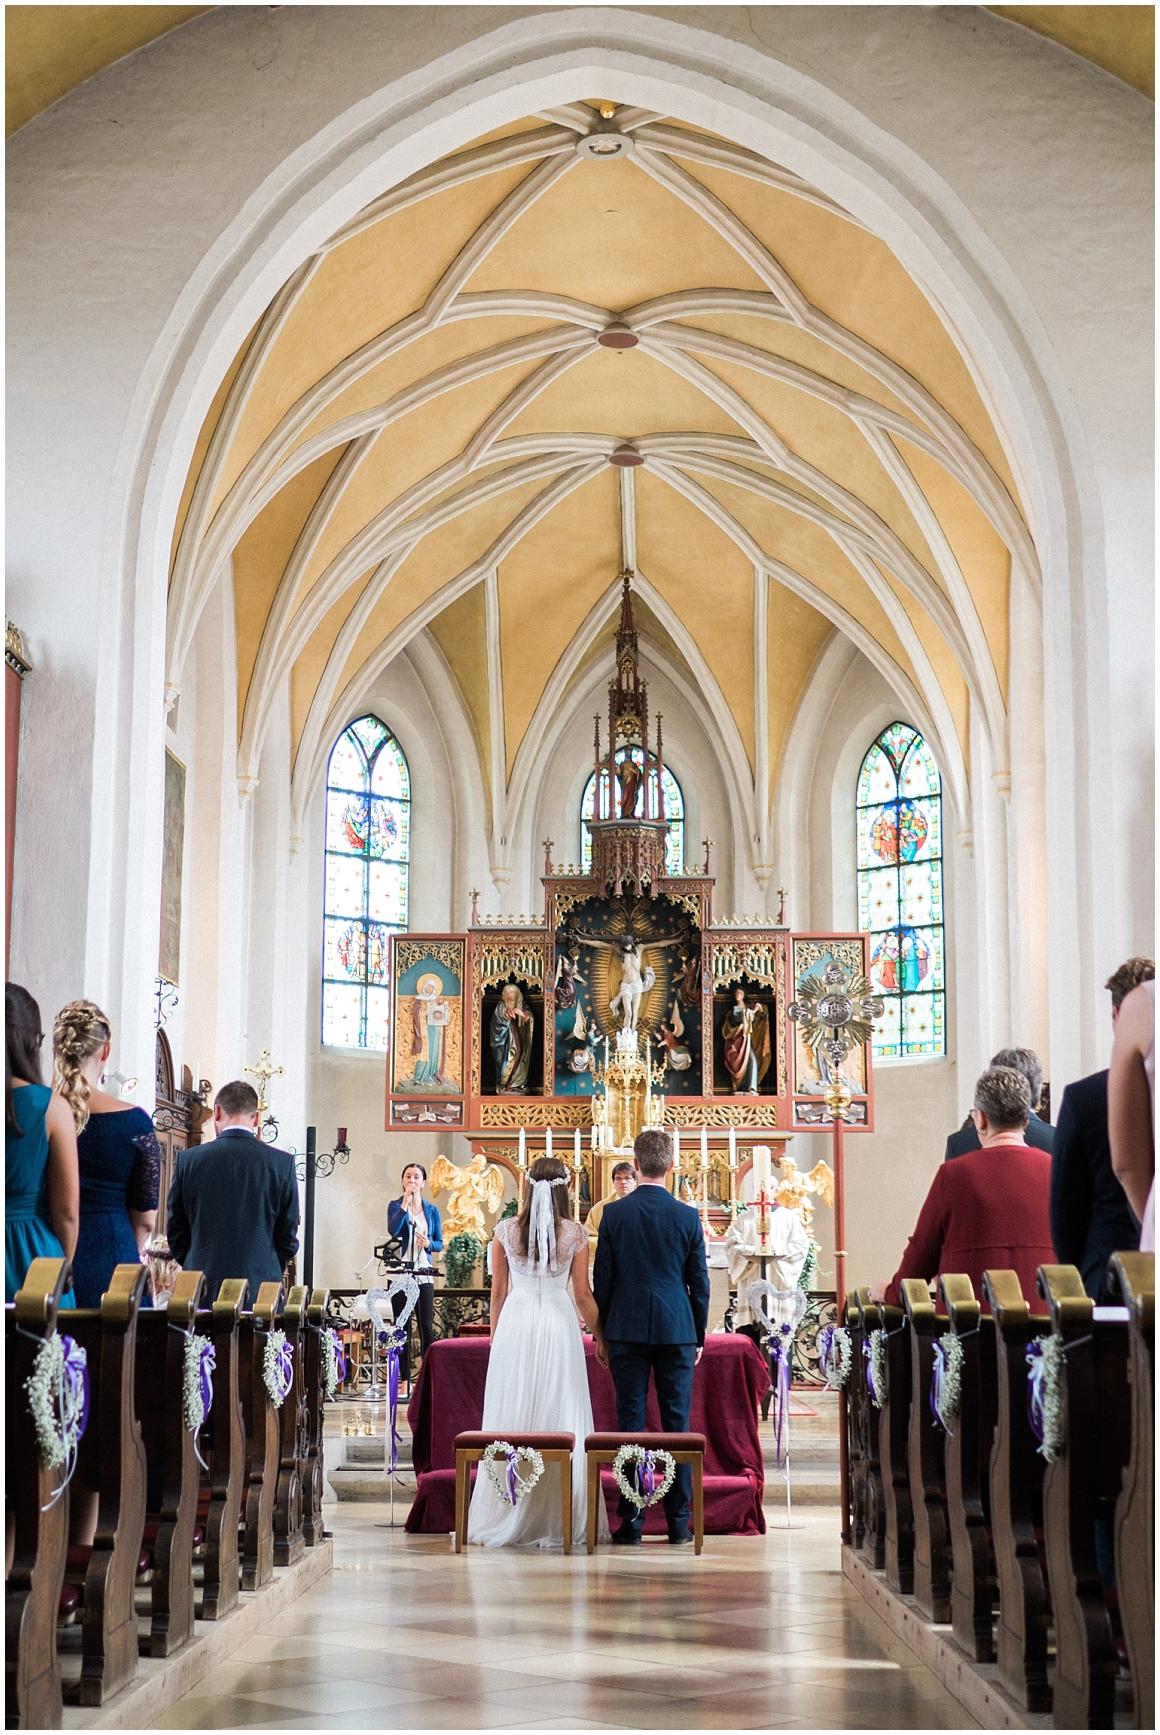 hochzeitsfotograf-hochzeitsreportage-münchen-rosenheim-monika-und-andreas-by-katrin-kind-photography_0039.jpg